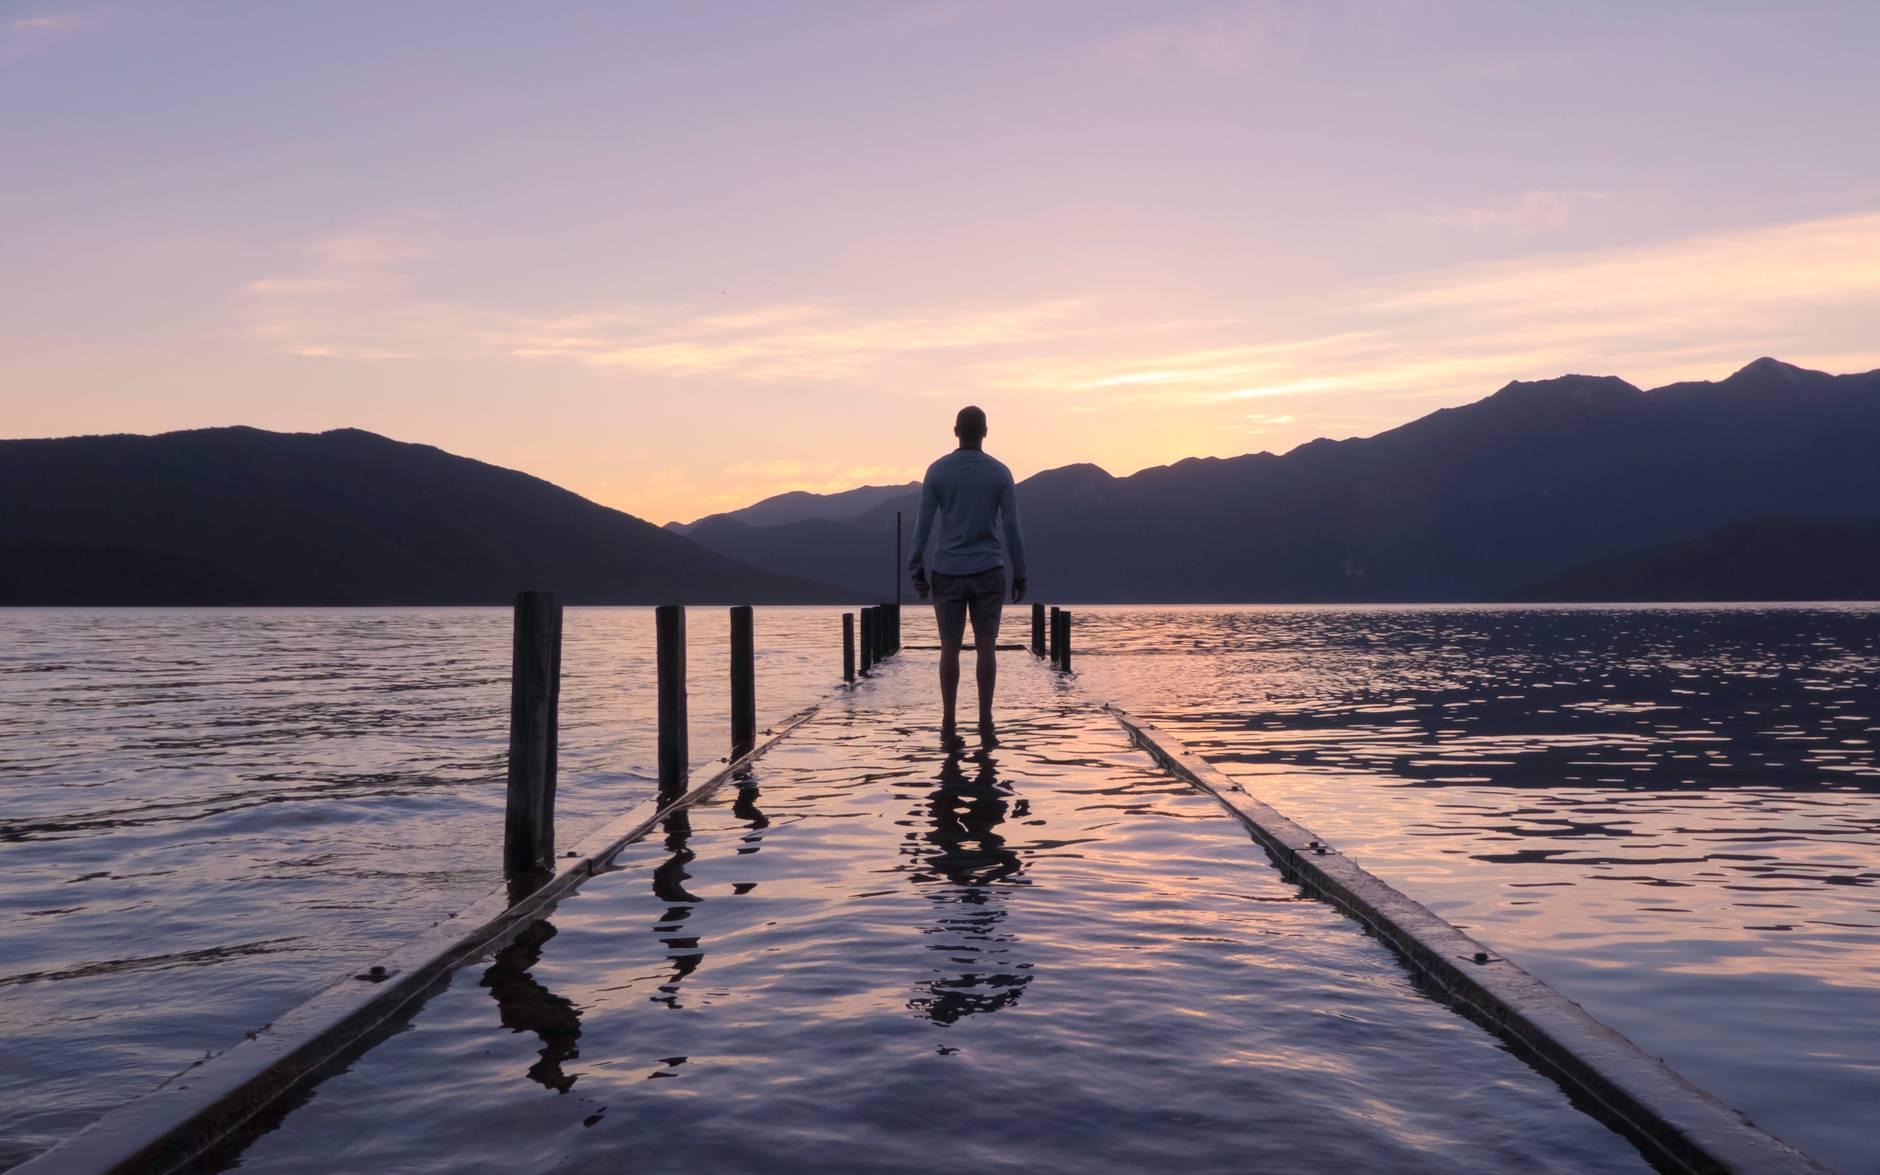 alone beach calm dawn